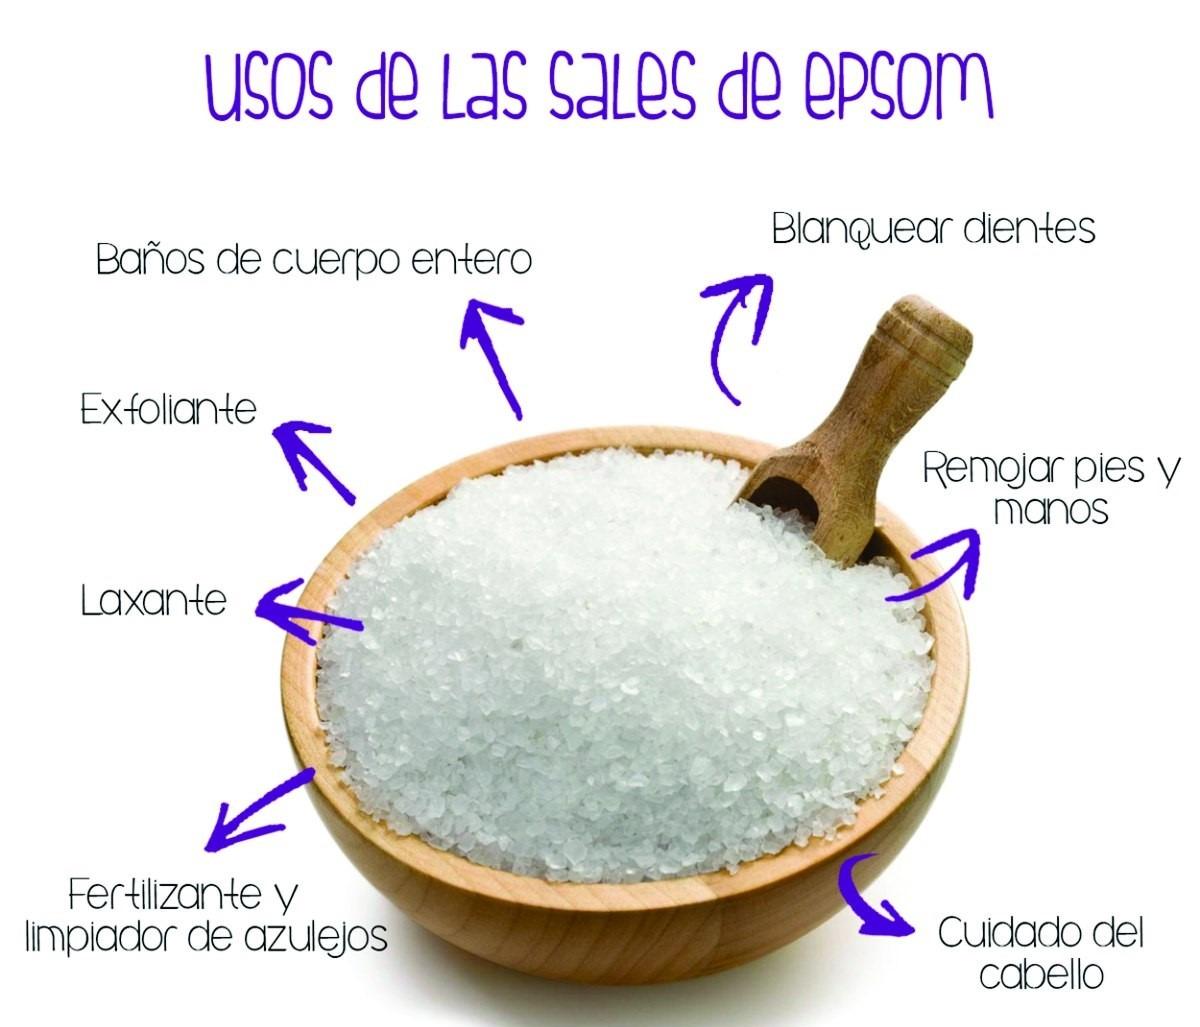 Sirve el sulfato de magnesio para adelgazar